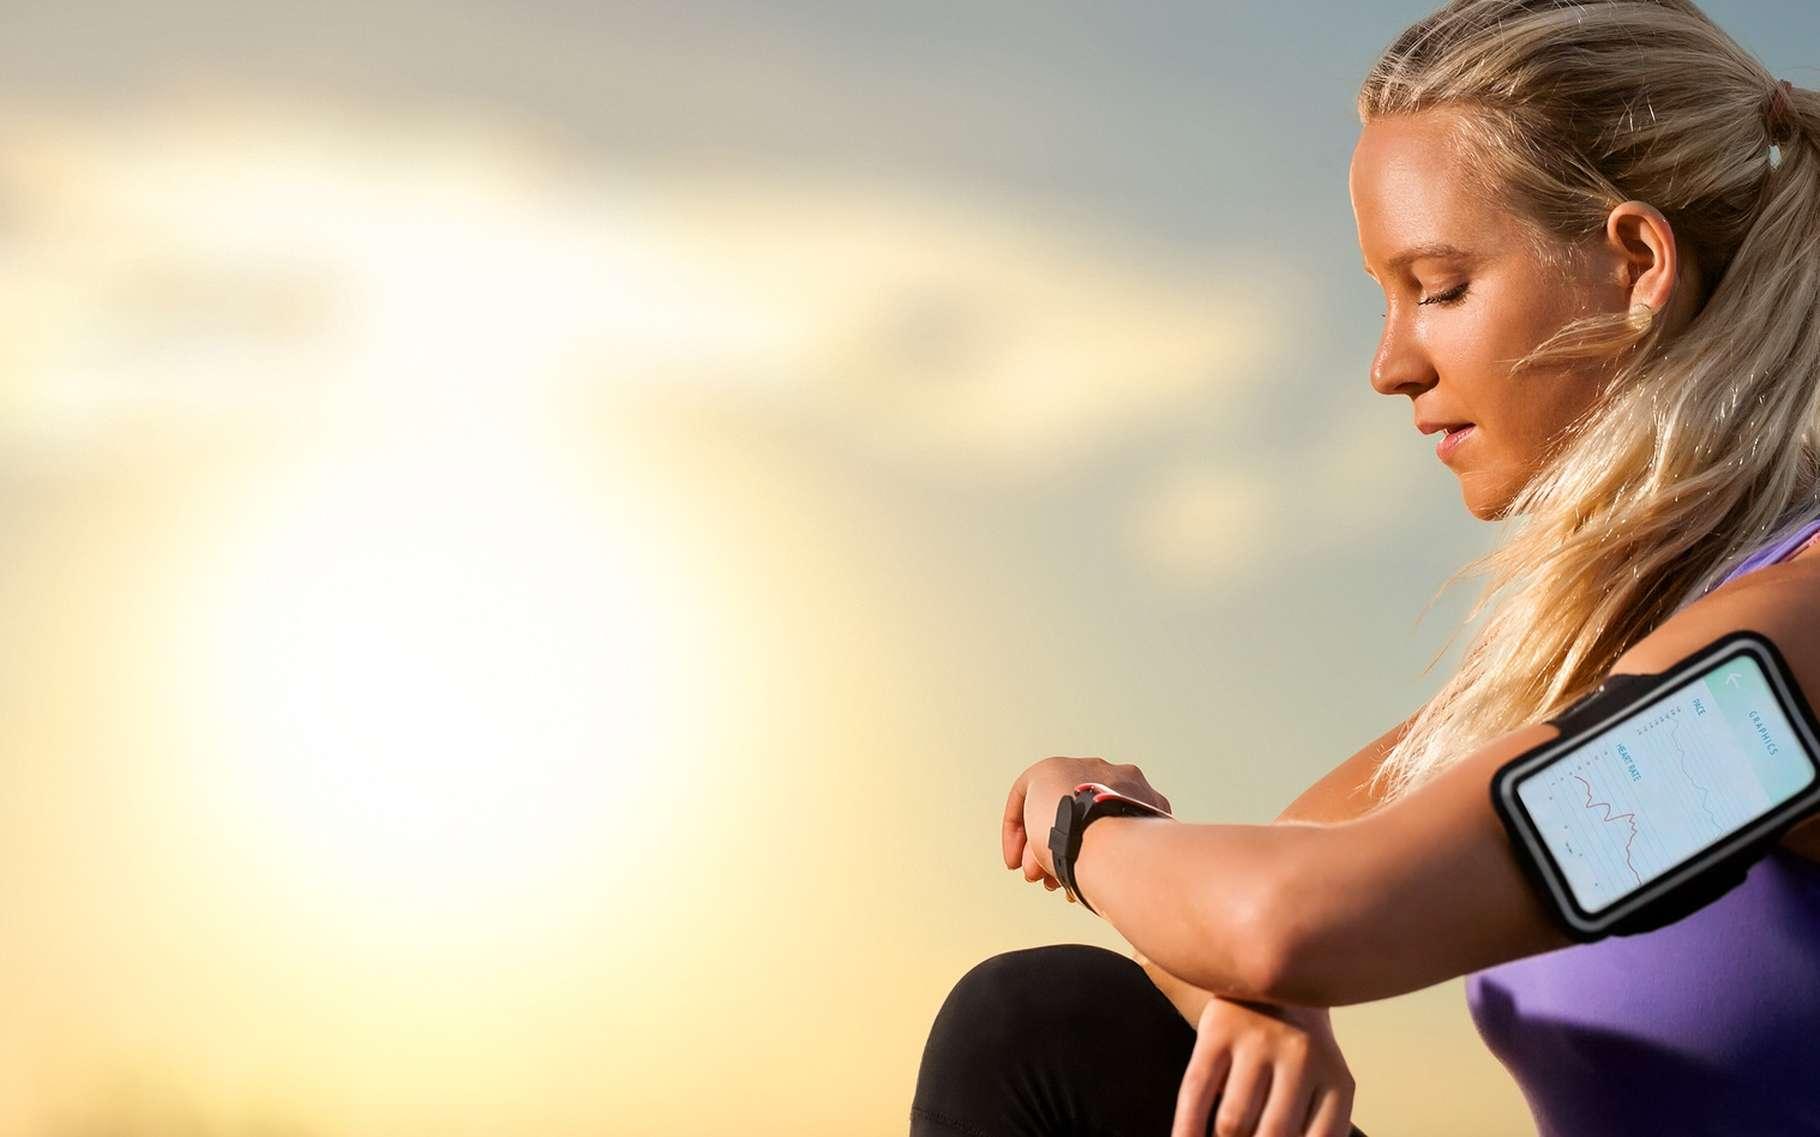 Les bracelets connectés permettent aux sportifs comme aux non-sportifs de suivre leur dépense énergétique. Un marché très florissant. © karelnoppe, Shutterstock